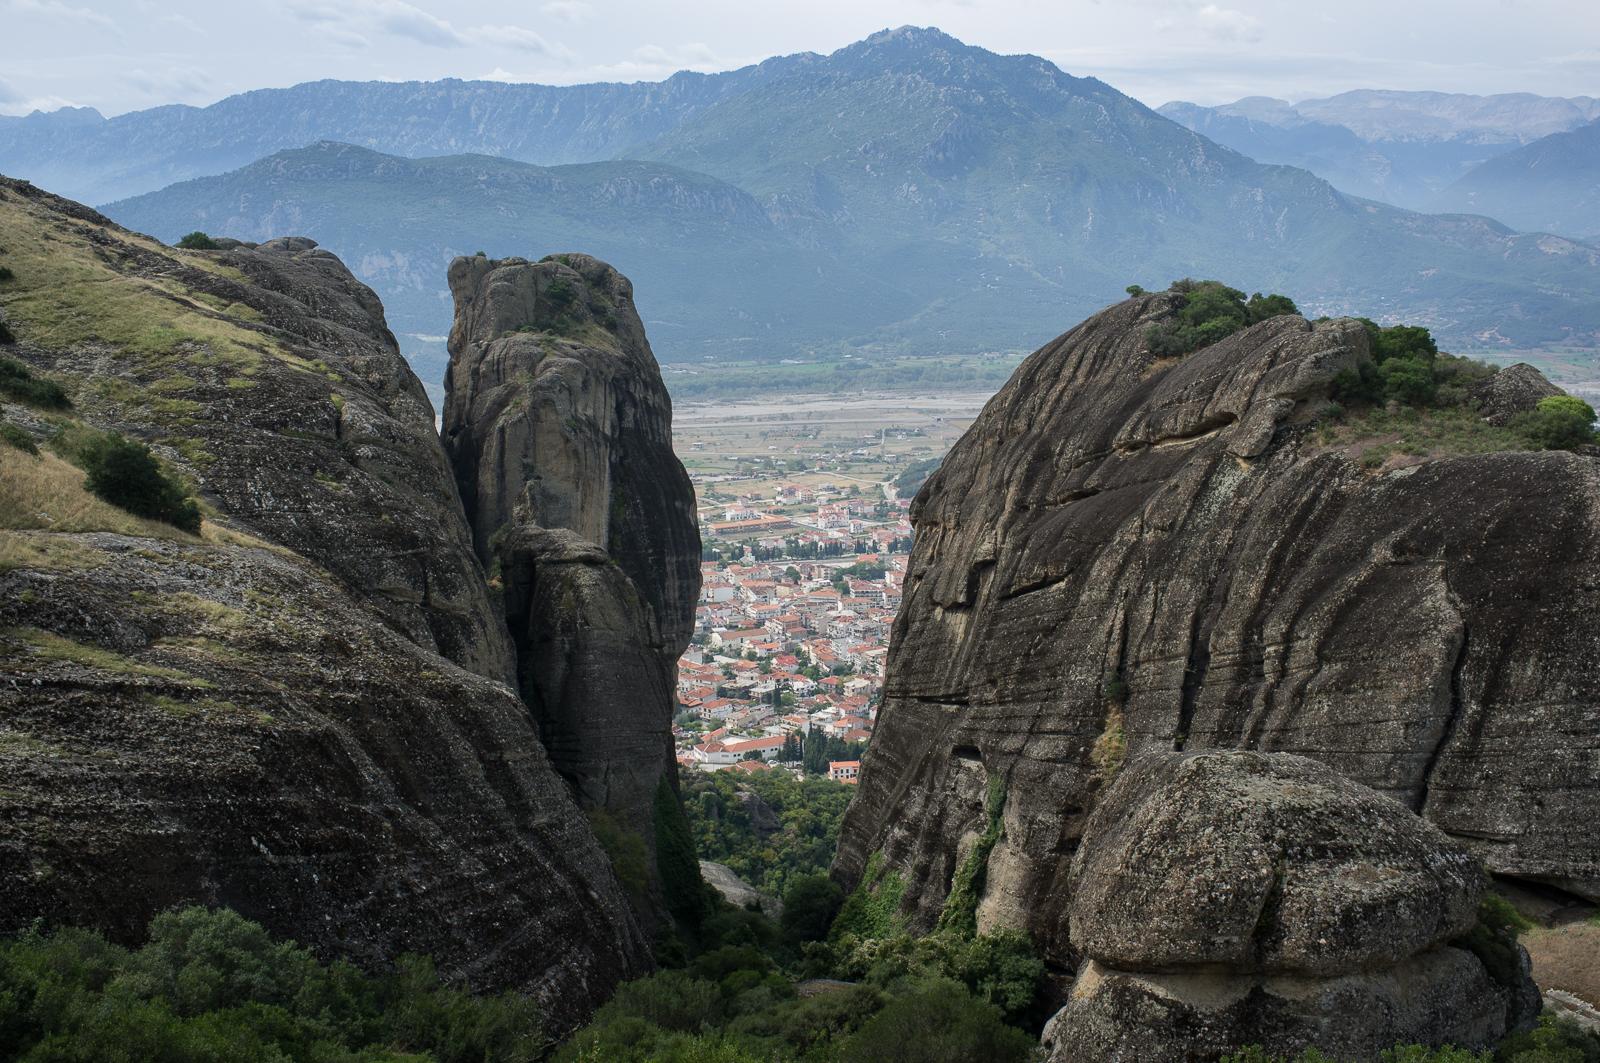 A view of Kalambaka